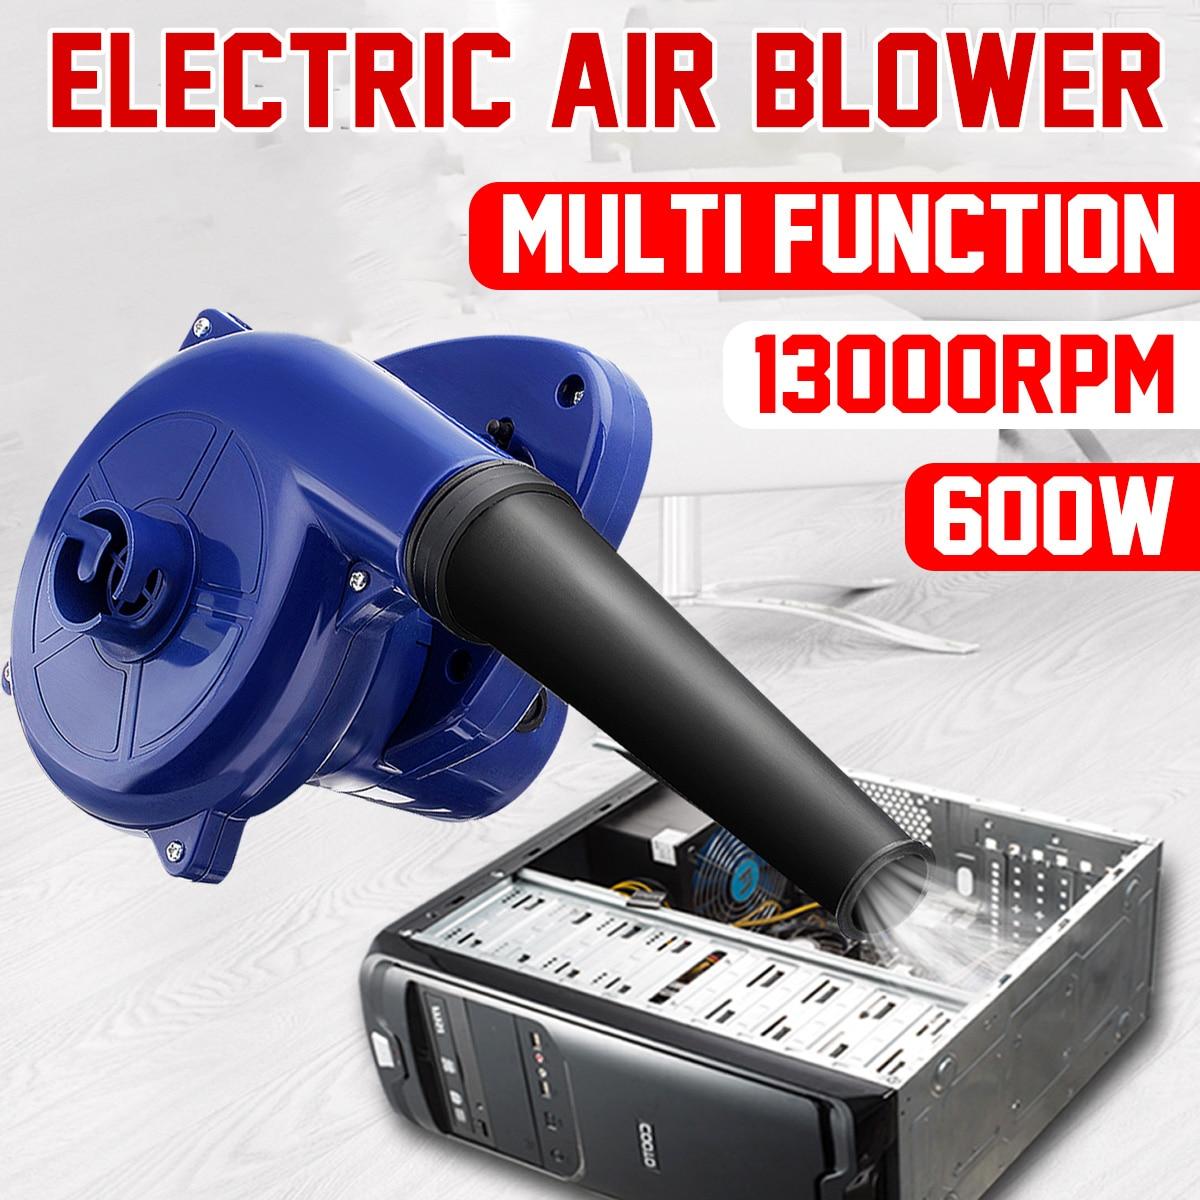 600 Вт 220 В электрический портативный вентилятор пылесос для компьютера Электрический промышленный воздушный вентилятор пылеуловитель для офиса|Воздуходув|   | АлиЭкспресс